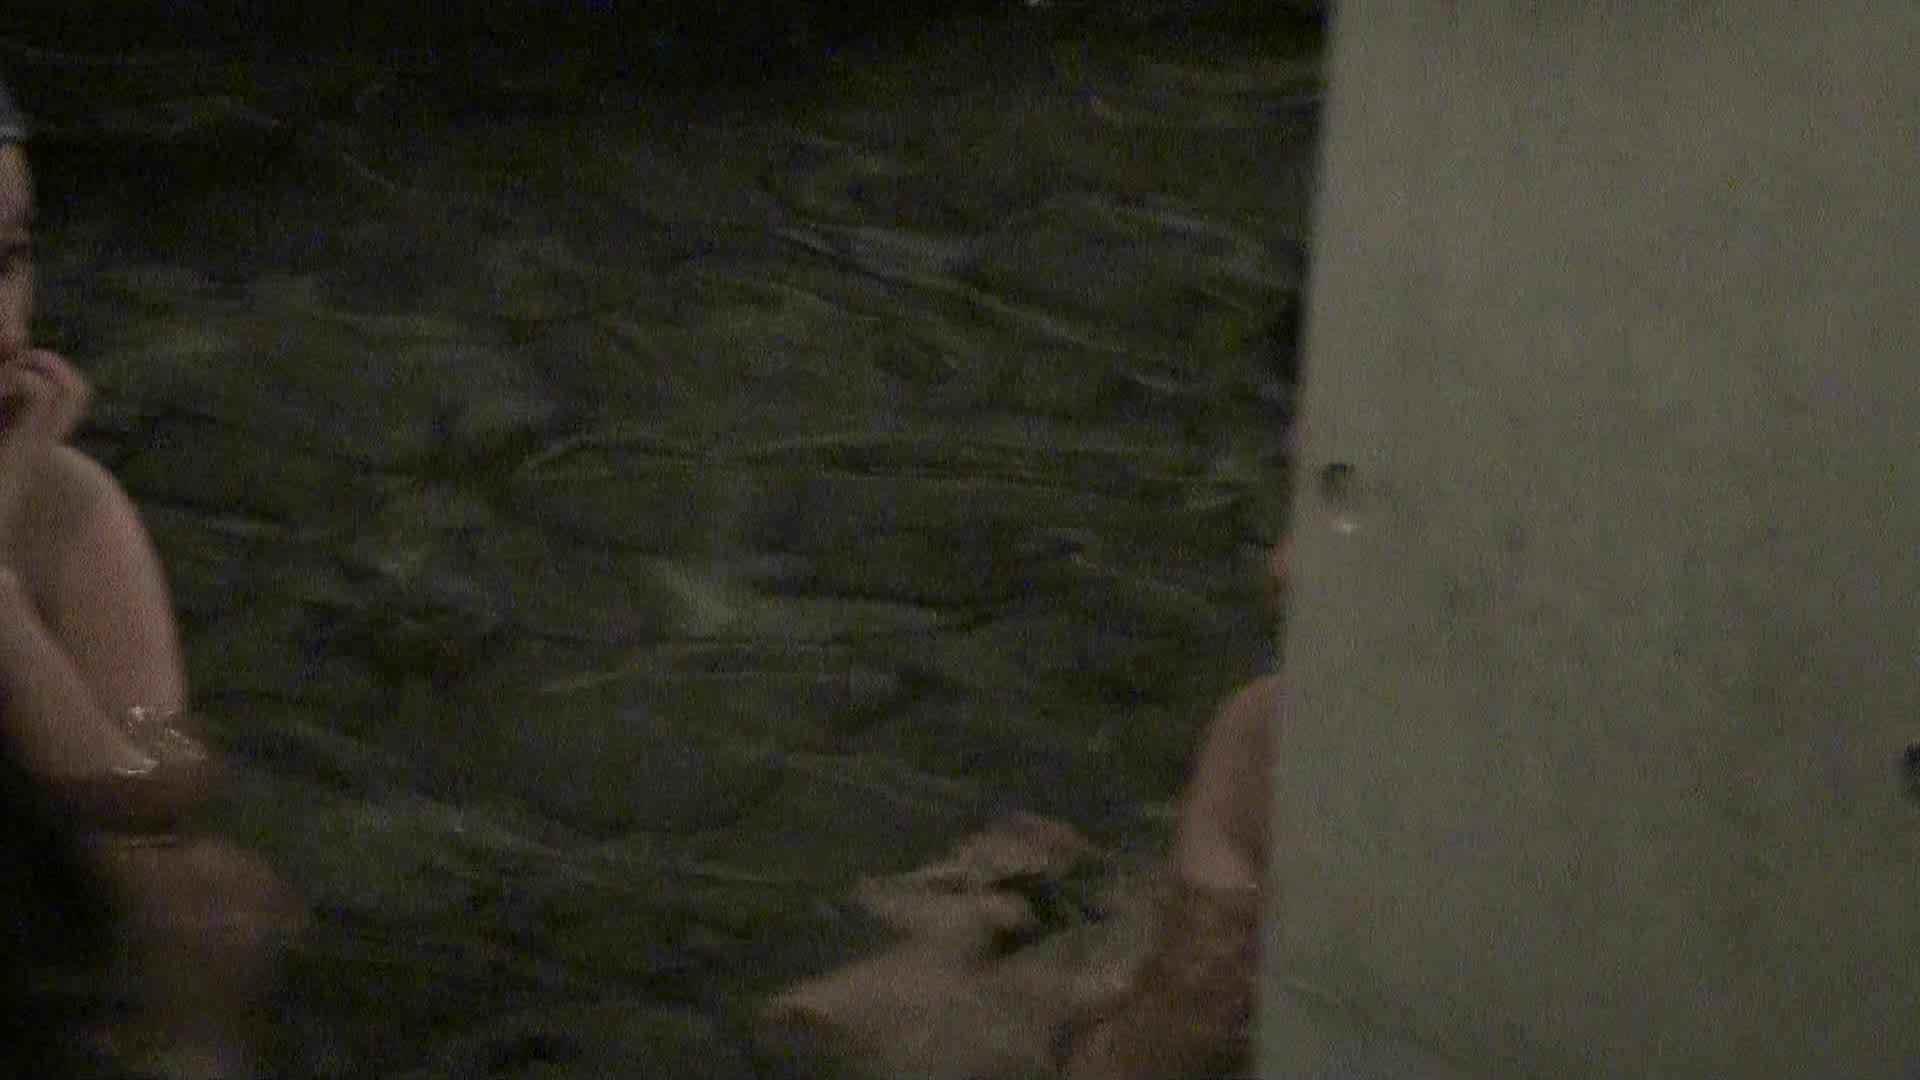 Aquaな露天風呂Vol.367 盗撮師作品 | 美しいOLの裸体  93pic 46